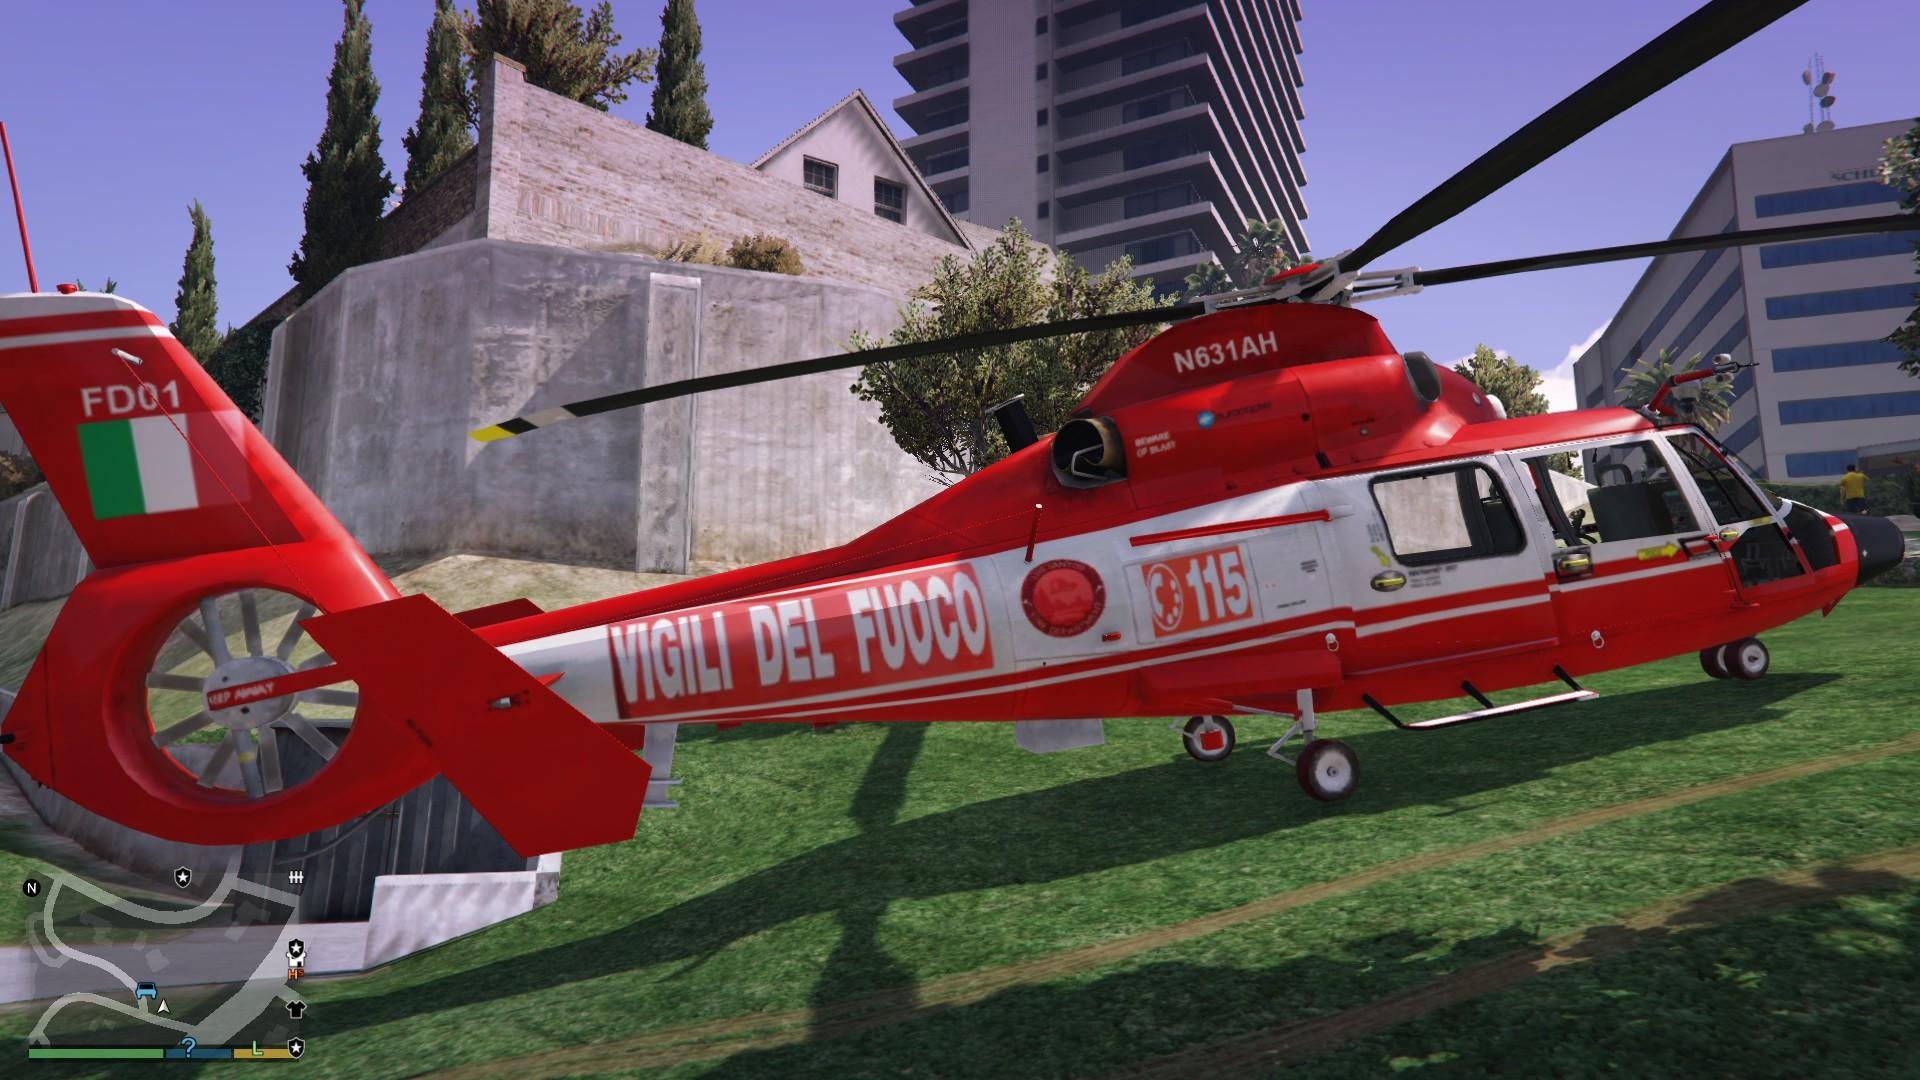 Elicottero Vigili Del Fuoco Verde : Vigili del fuoco elicottero gta mods